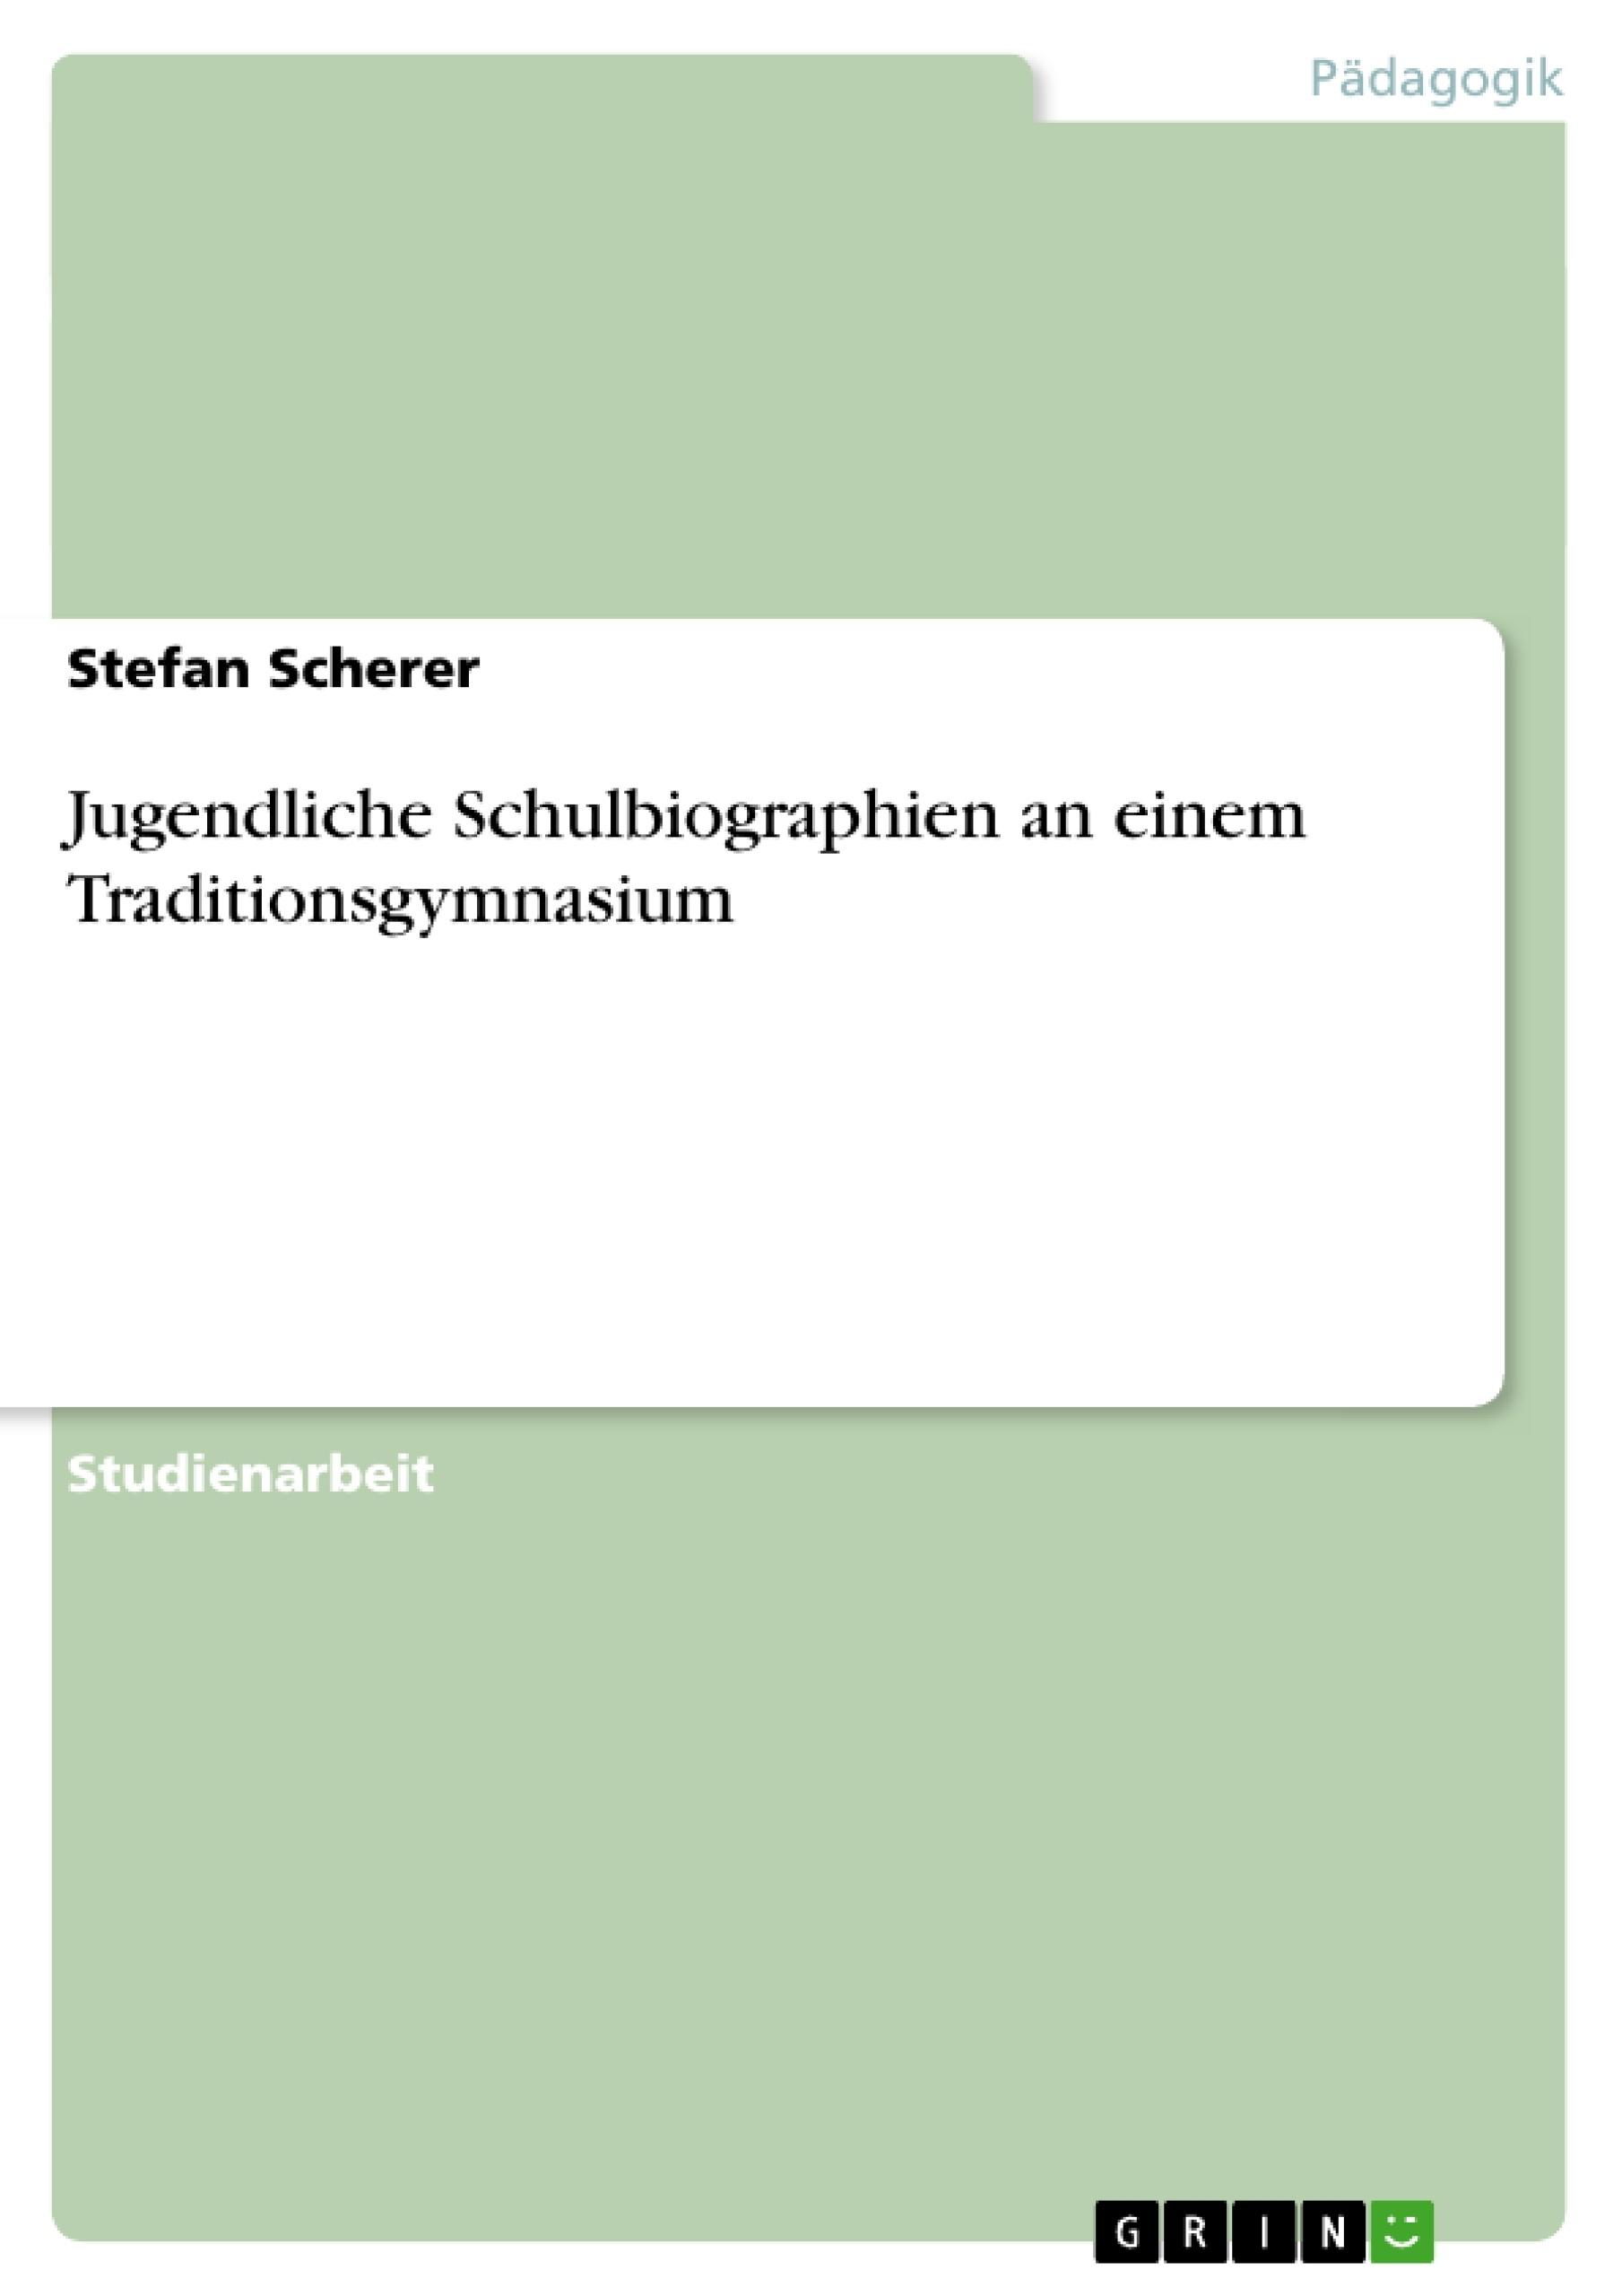 Titel: Jugendliche Schulbiographien an einem Traditionsgymnasium